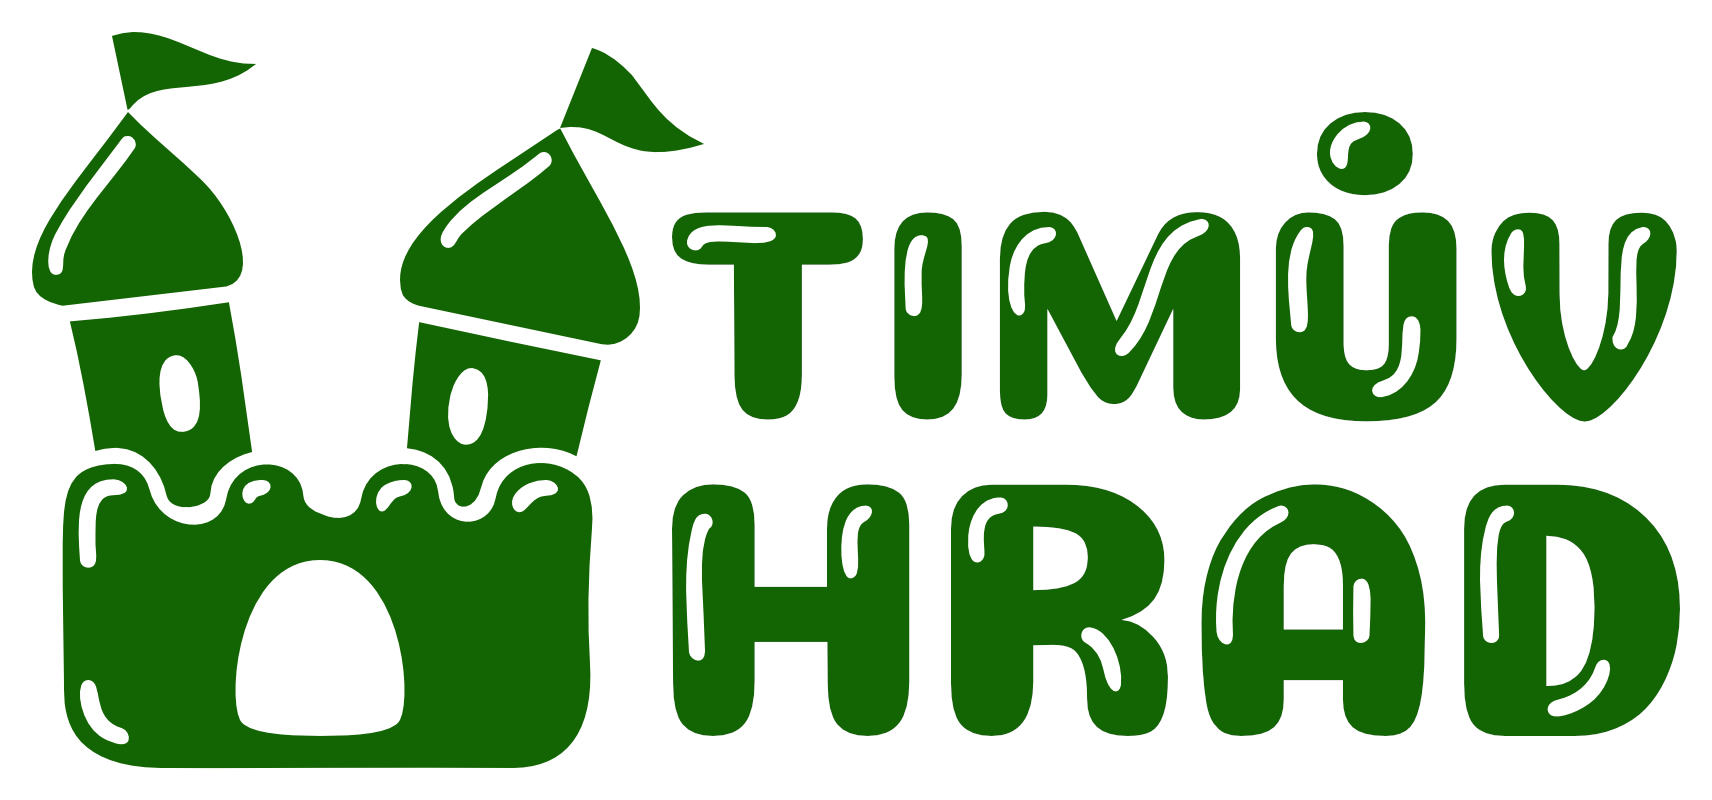 Timuv hrad